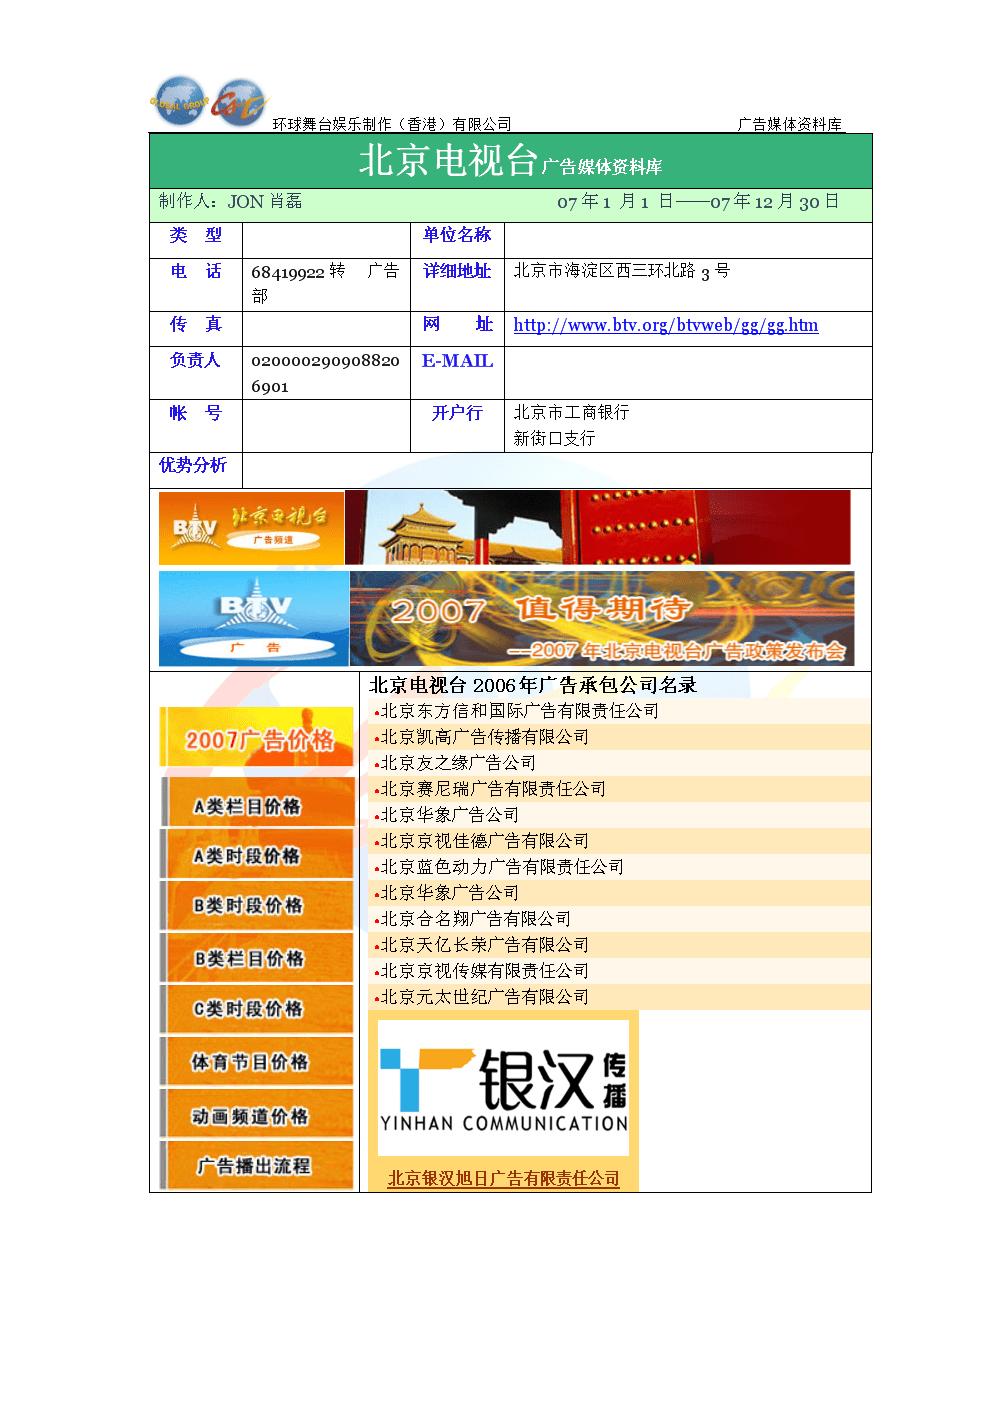 北京电视台广告媒体资料库.doc